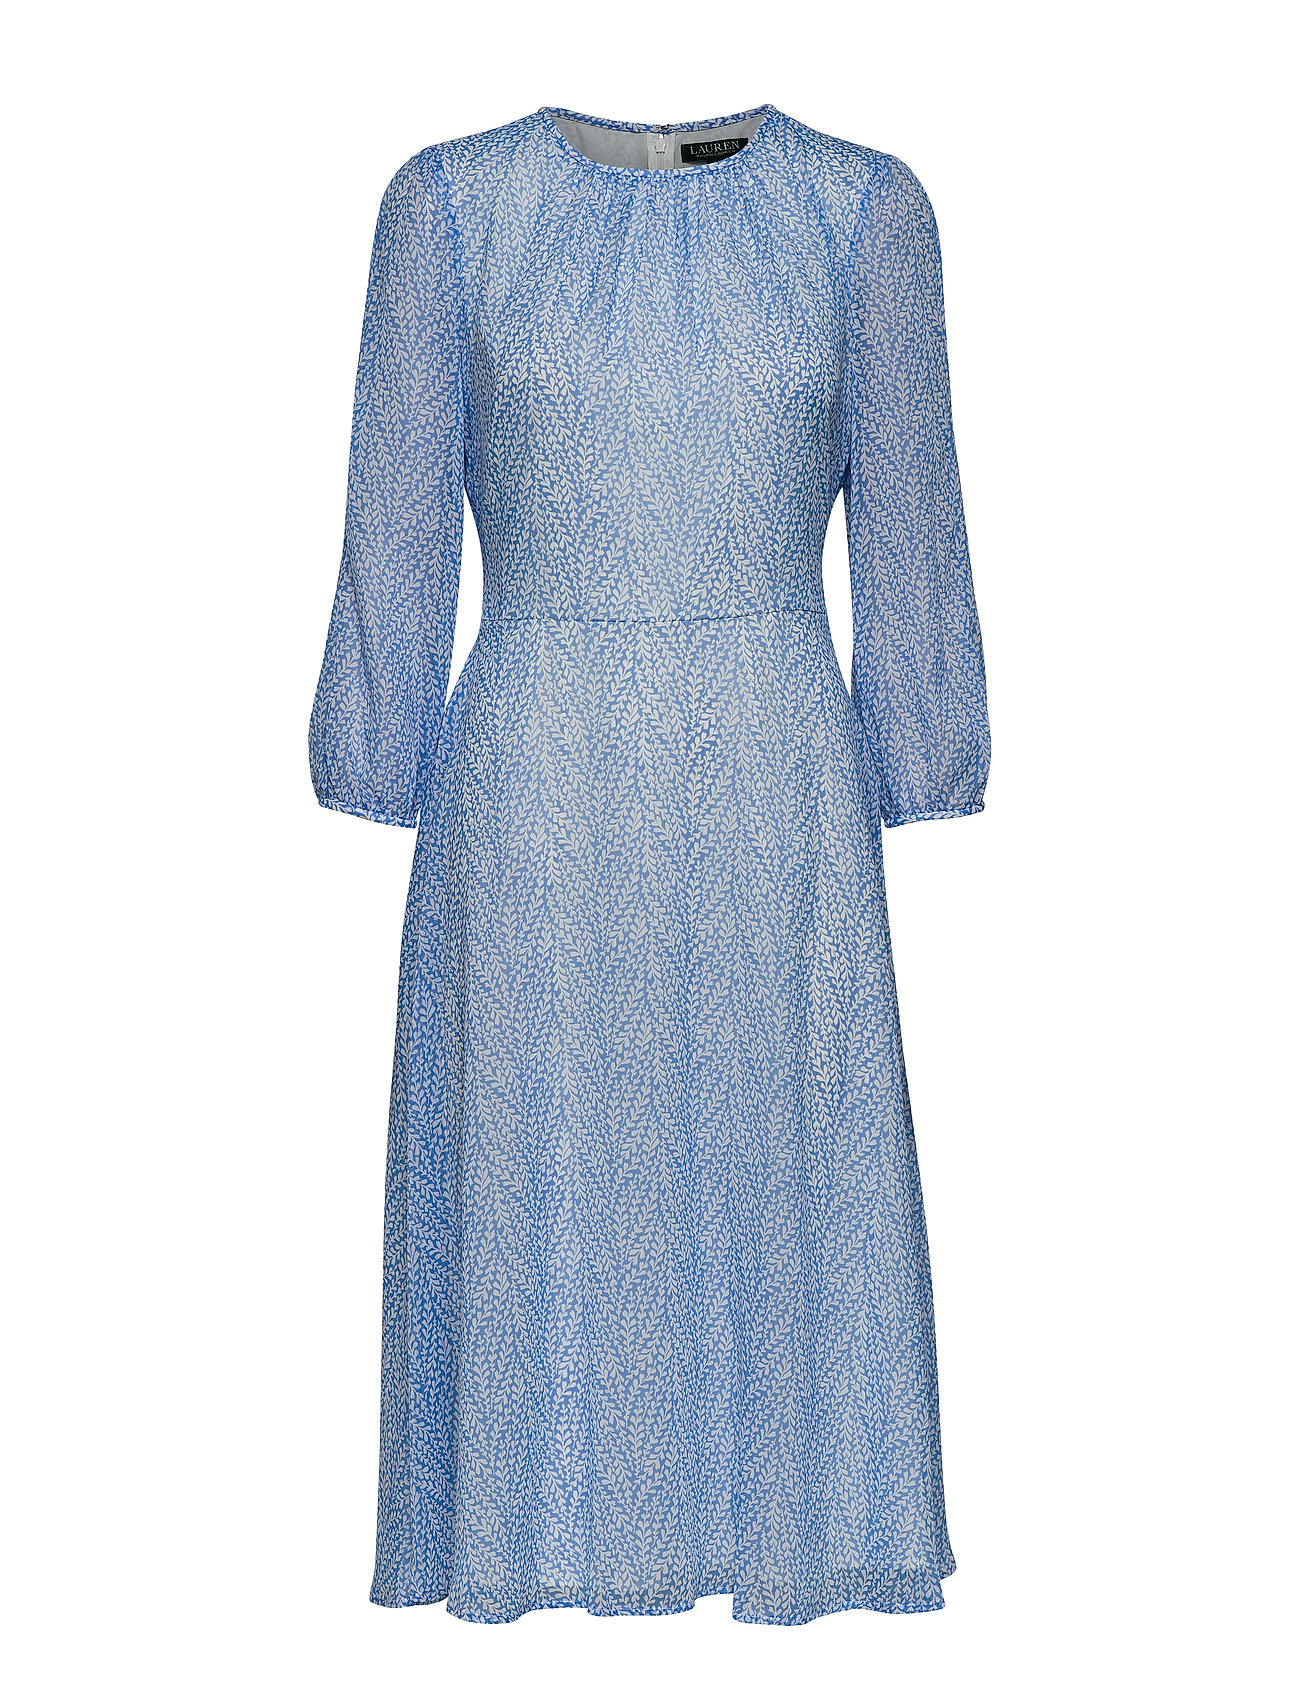 Lauren Ralph Lauren PRINTED GGT-DRESS - EOS BLUE/COLONIAL